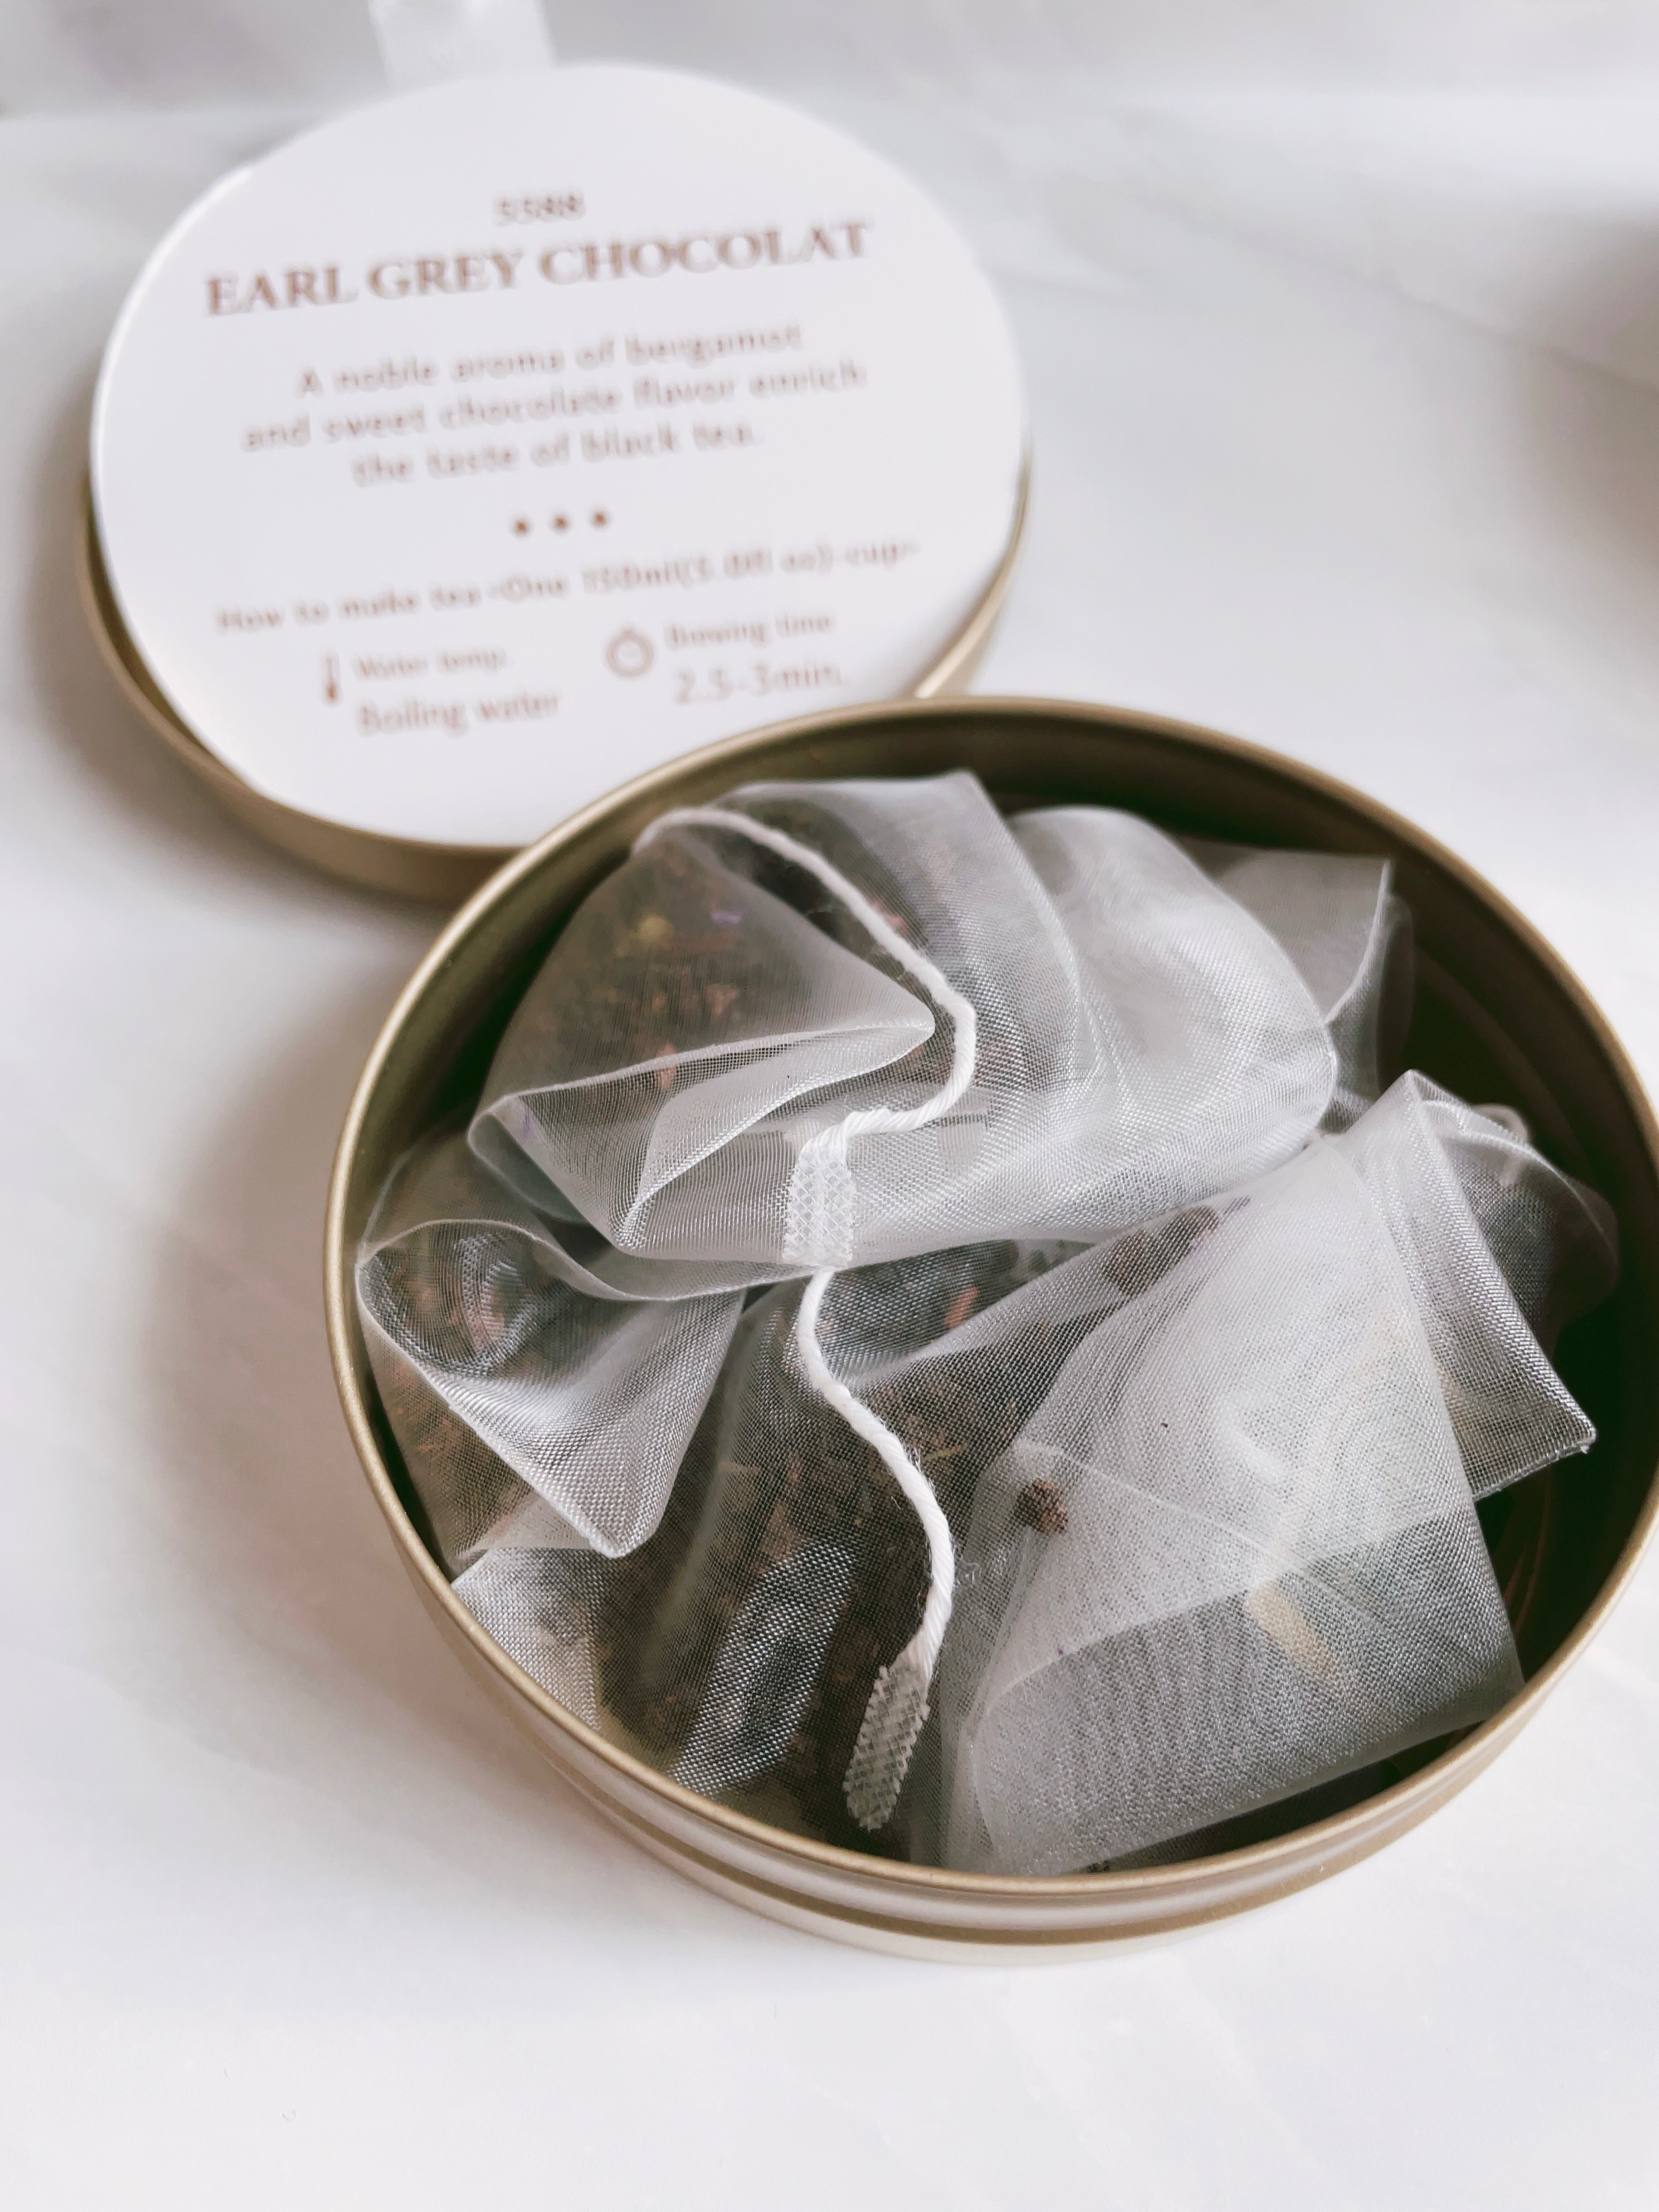 【限定缶がかわいい!】《ショコラの香りに癒される紅茶》がおうち時間にもギフトにもおすすめ♡_5